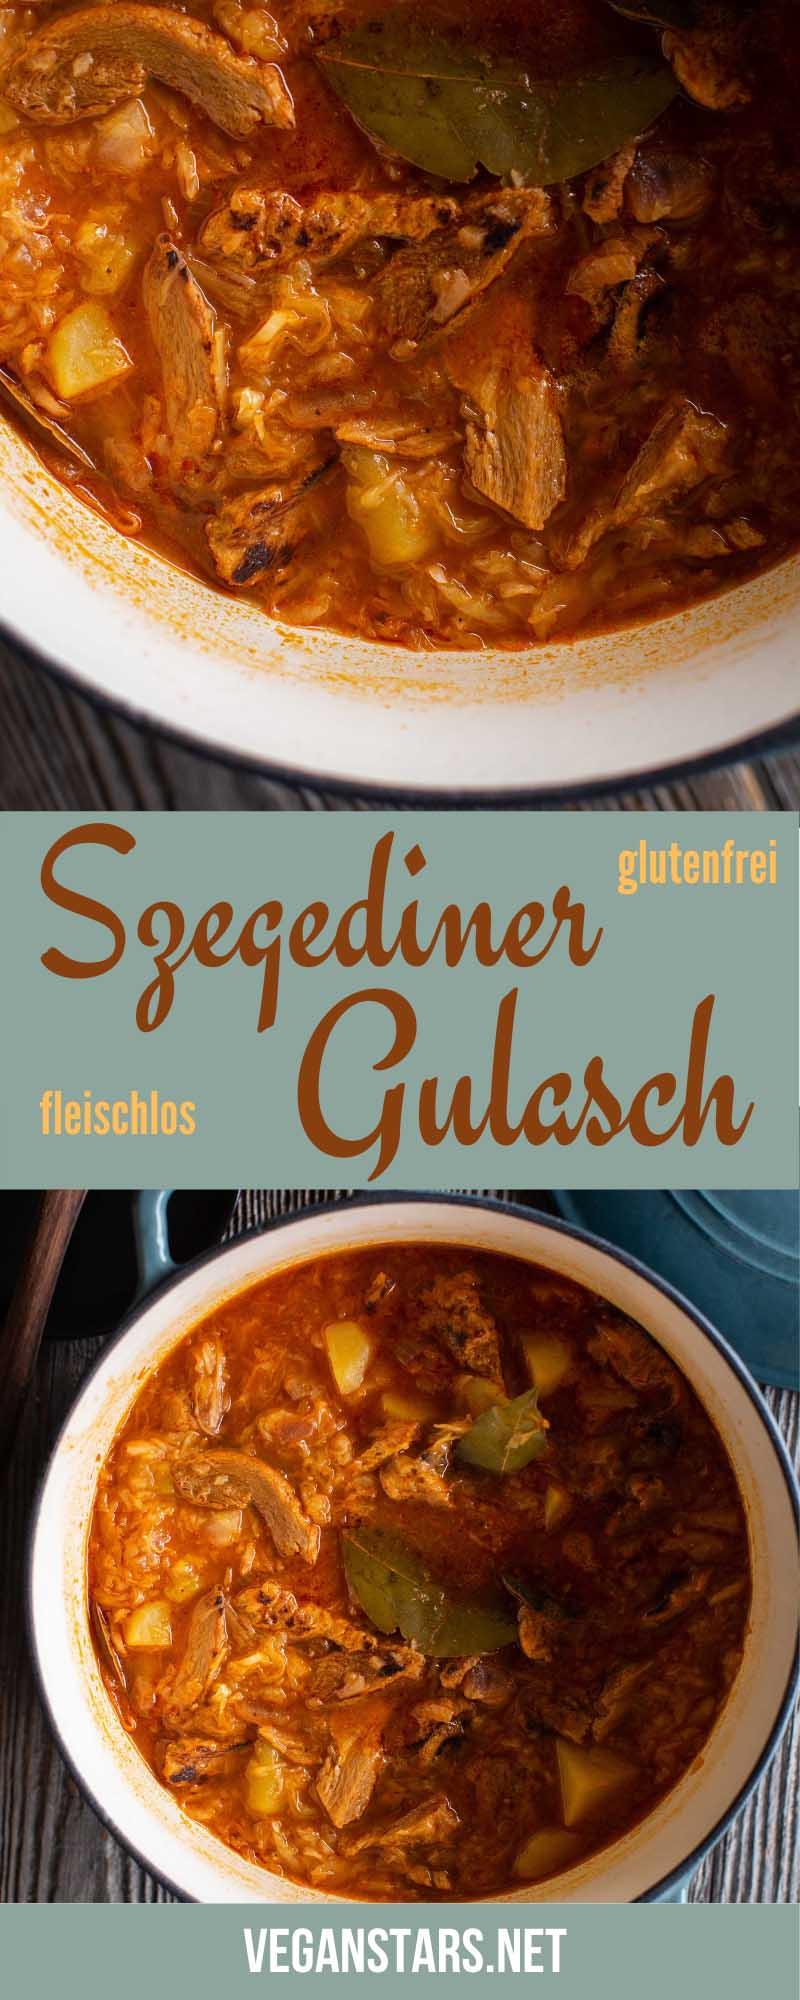 Szegediner Gulasch ohne Fleisch (vegan)